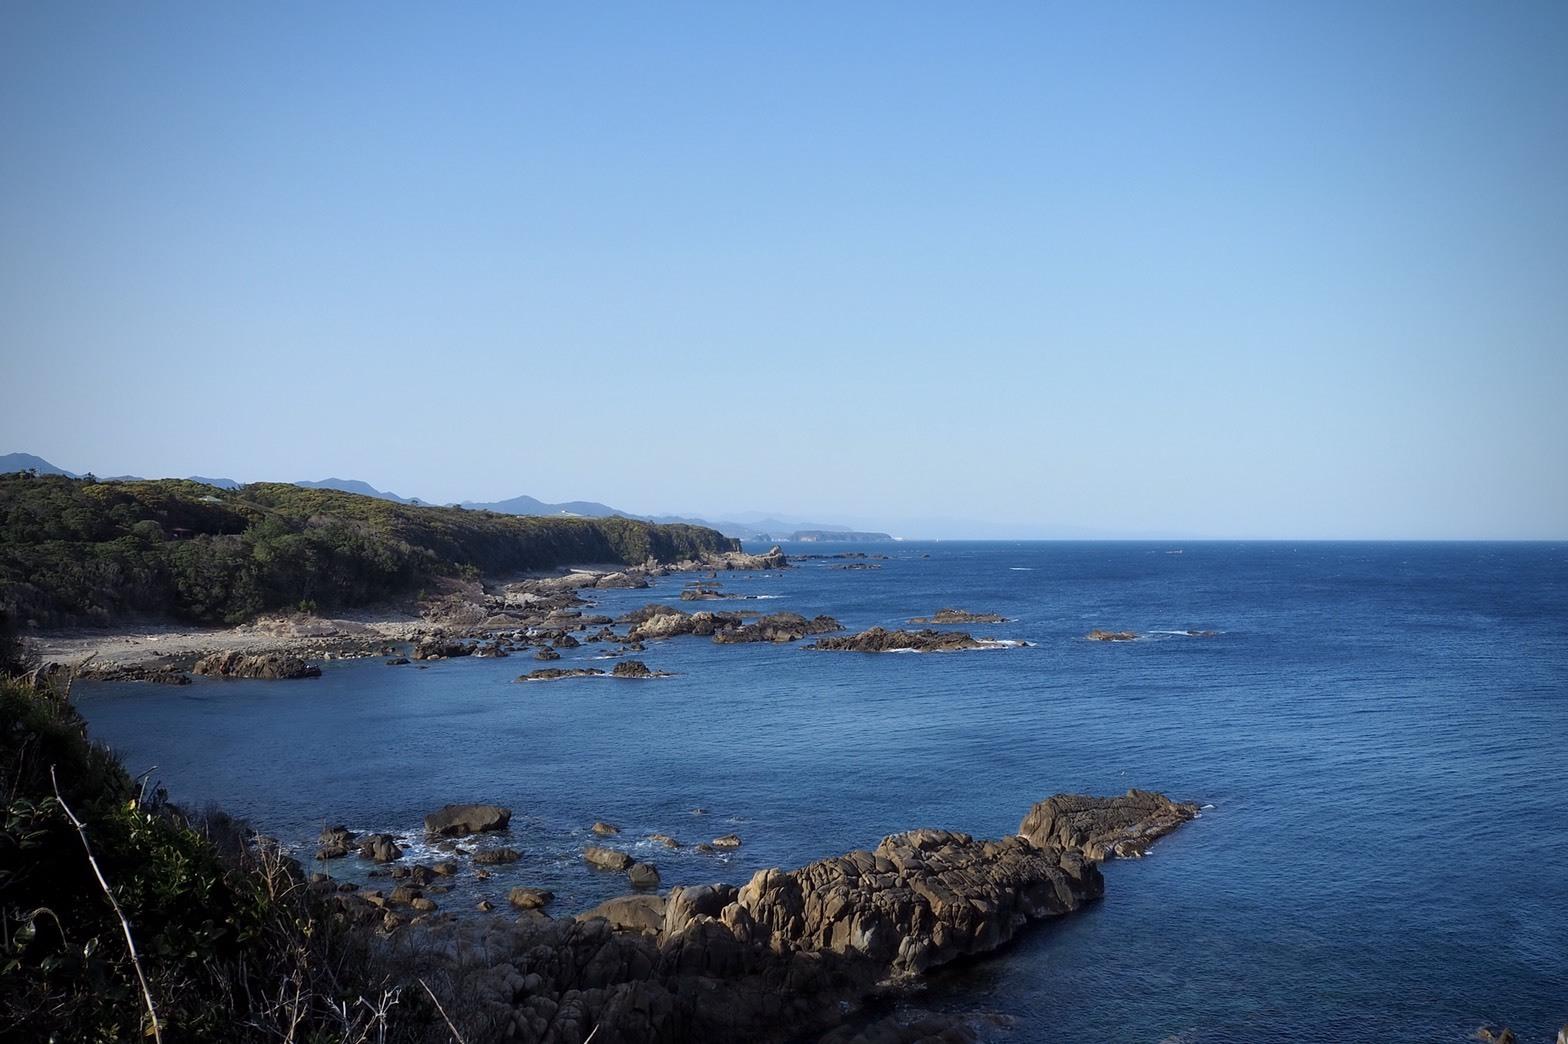 ぴーきち&ダイナ 紀伊半島ツーリング 和歌山県 太地町 梶取崎の景色